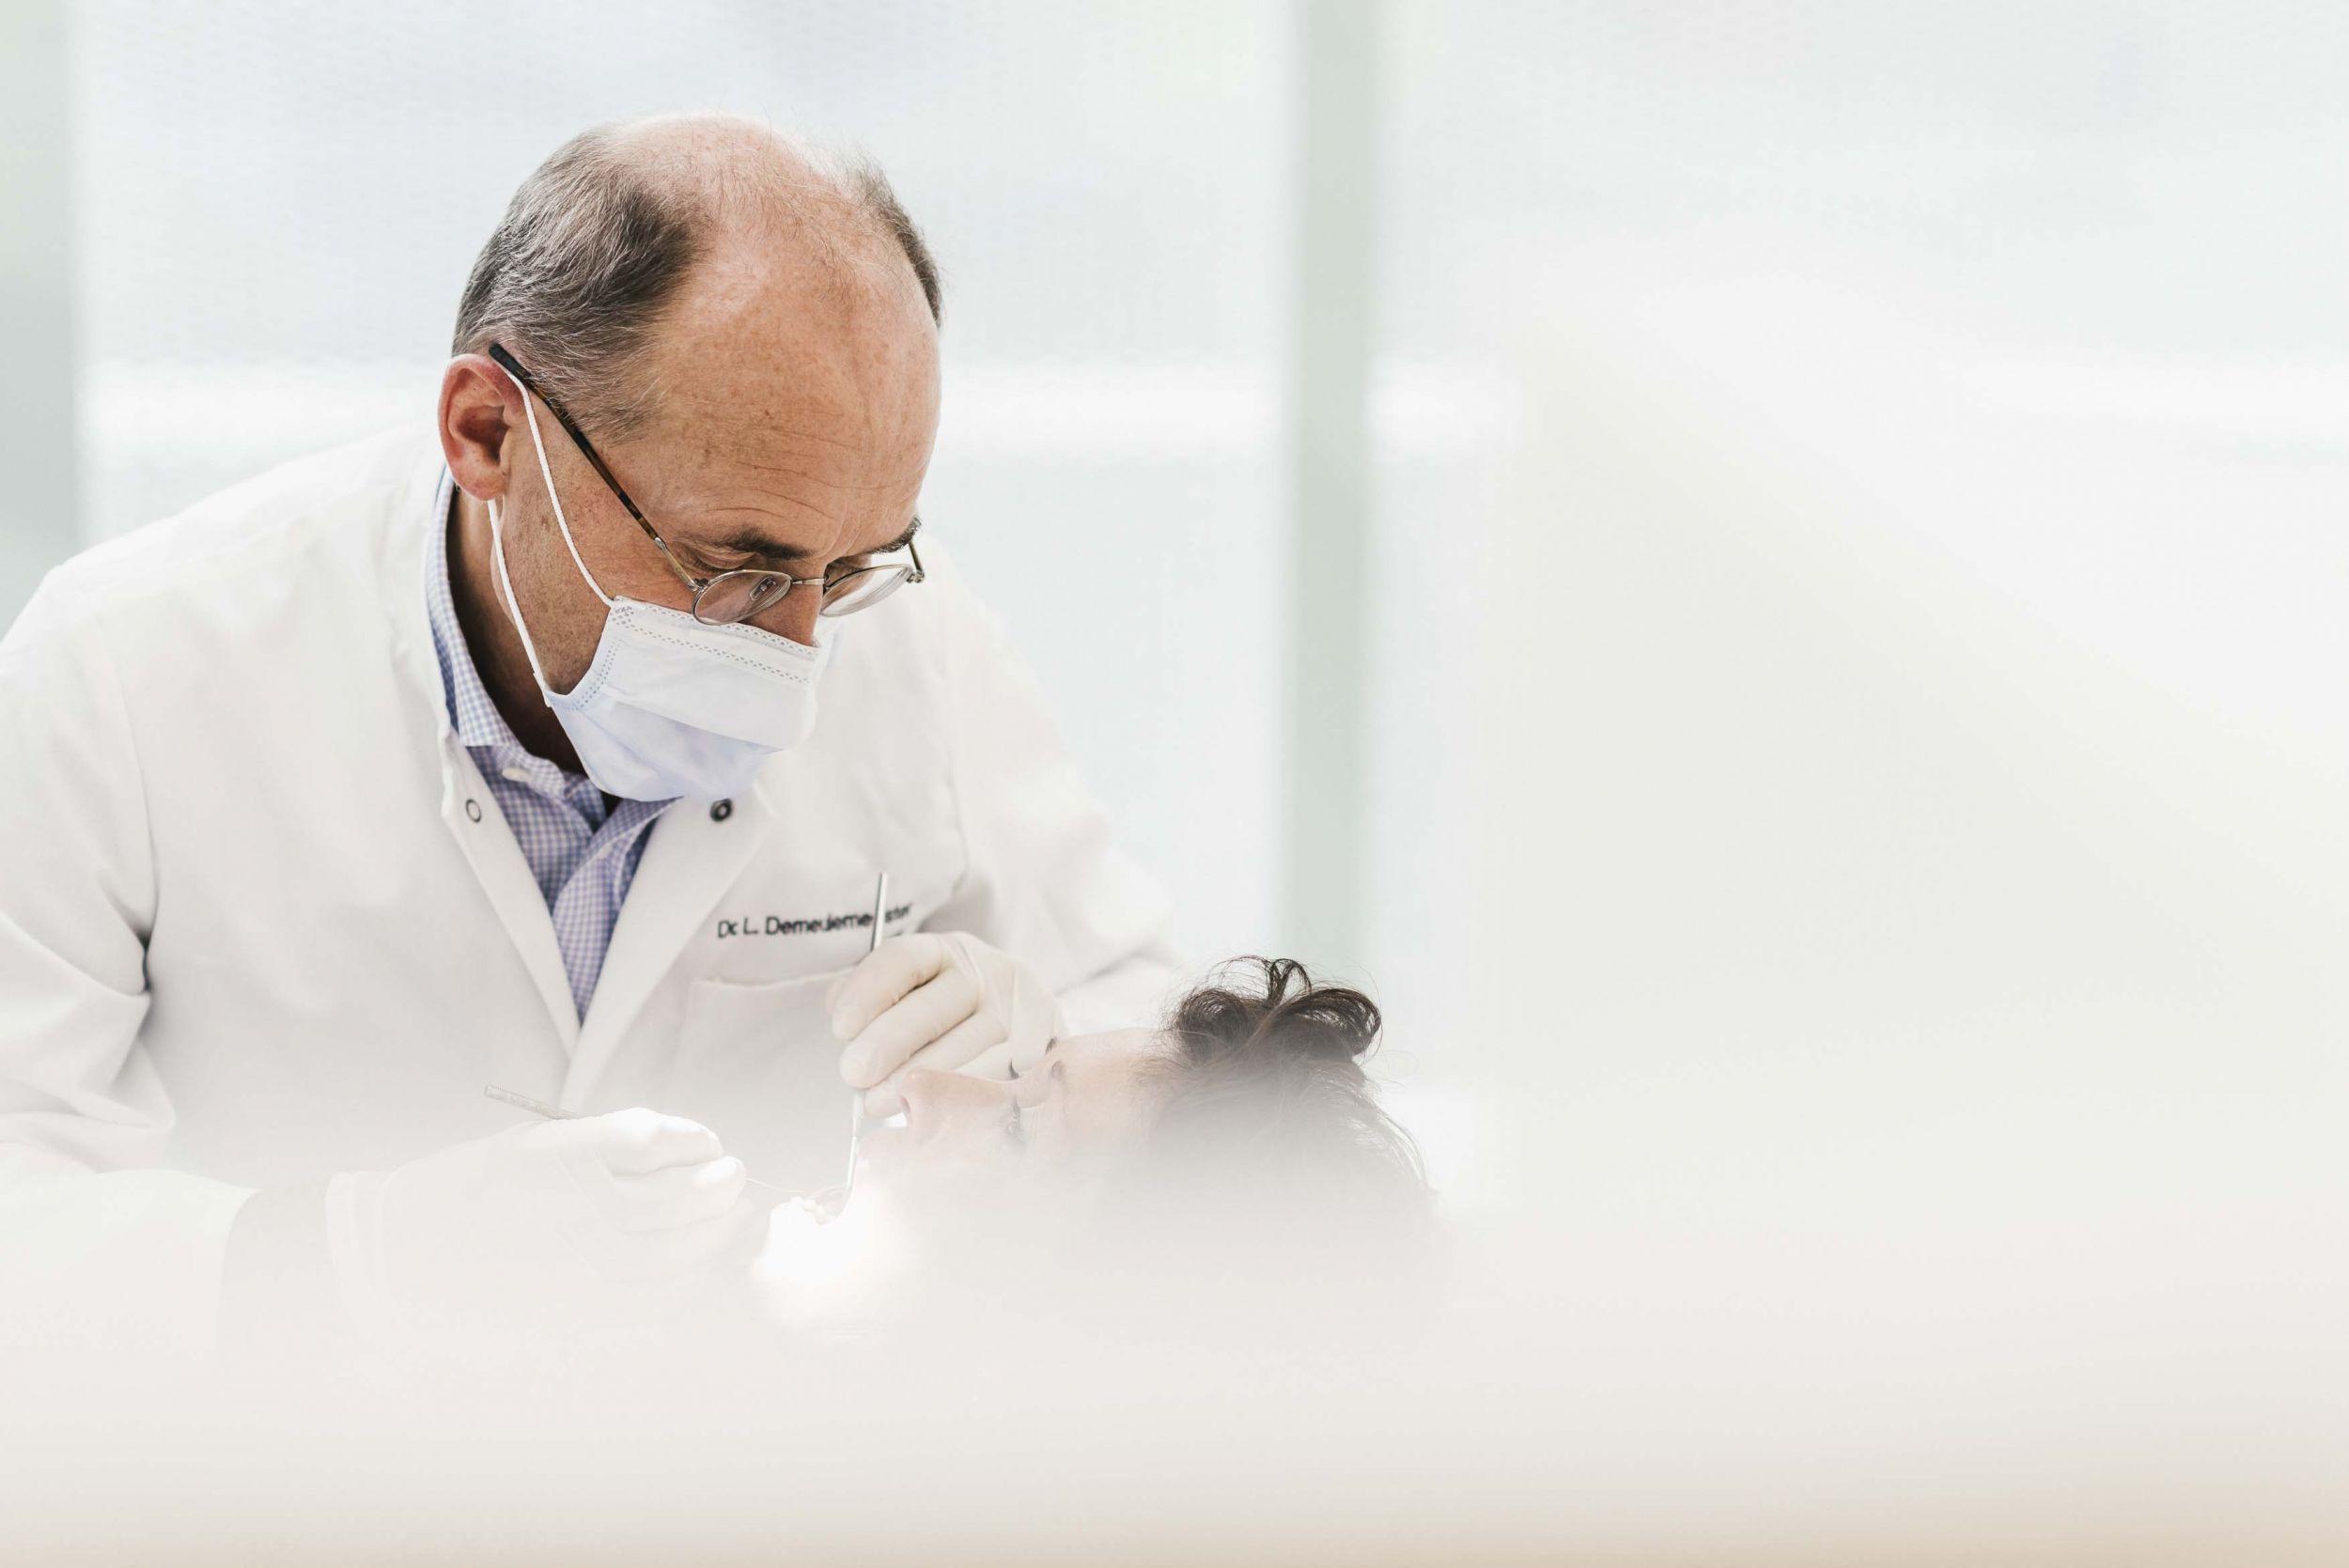 Tandens tandartsen stomatologie